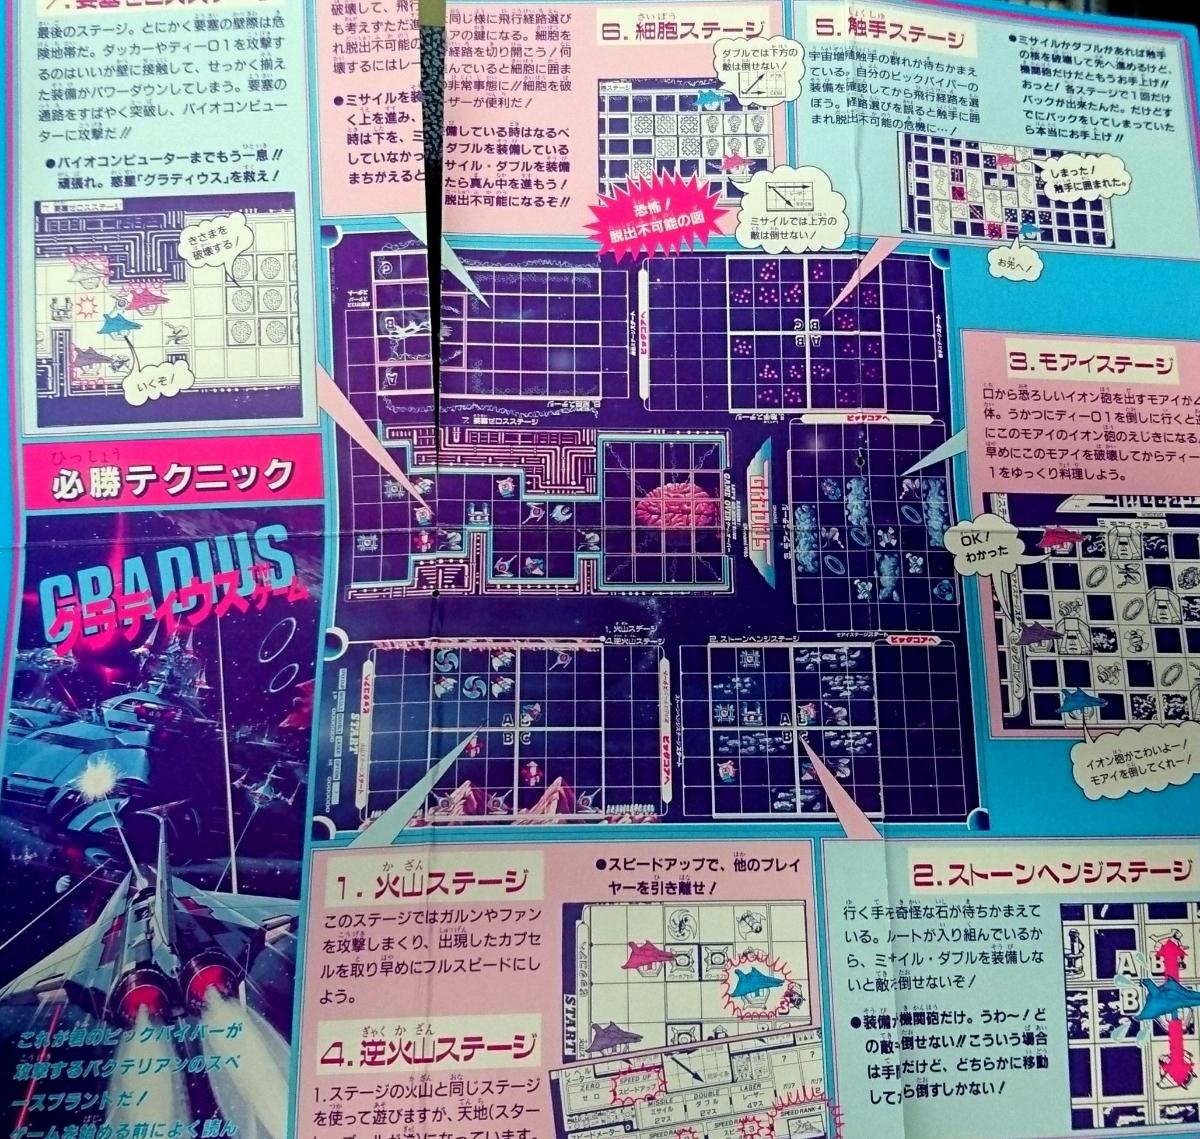 バンダイ グラディウス ボード ゲーム パーティジョイ 未開封 BANDAI GRADIUS Konami Videogame Nemesis コナミ_画像3